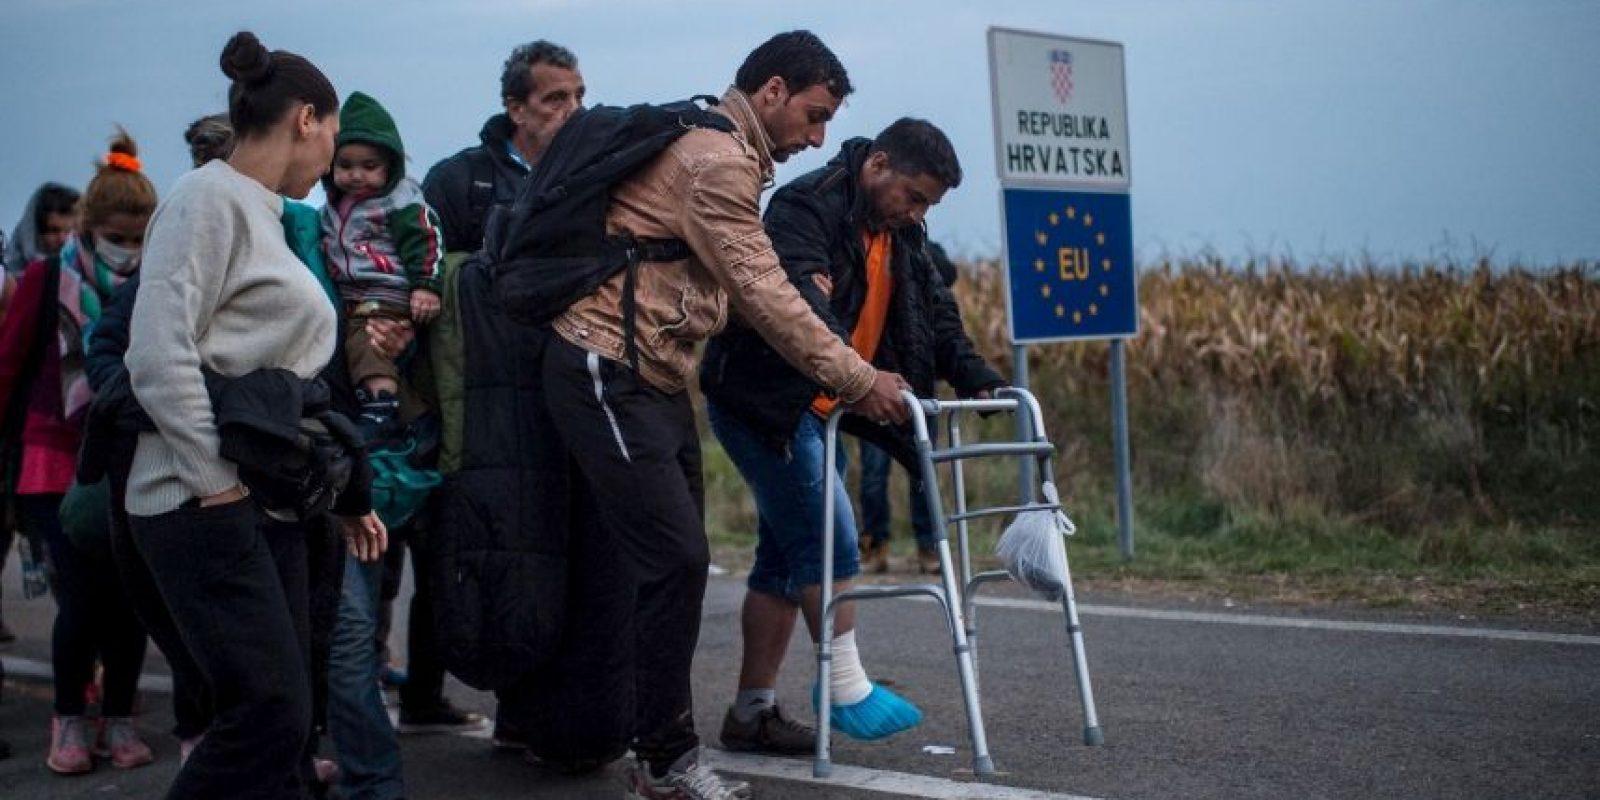 """9. Según la ACNUR, """"solamente en octubre, el 93,5 por ciento de los solicitantes de asilo provino de los principales cinco países de los que proceden los refugiados, incluidos un 53,5 por ciento de Siria, un 29,6 por ciento de Afganistán y un 9,9 por ciento de Irak"""". Foto:Getty Images"""